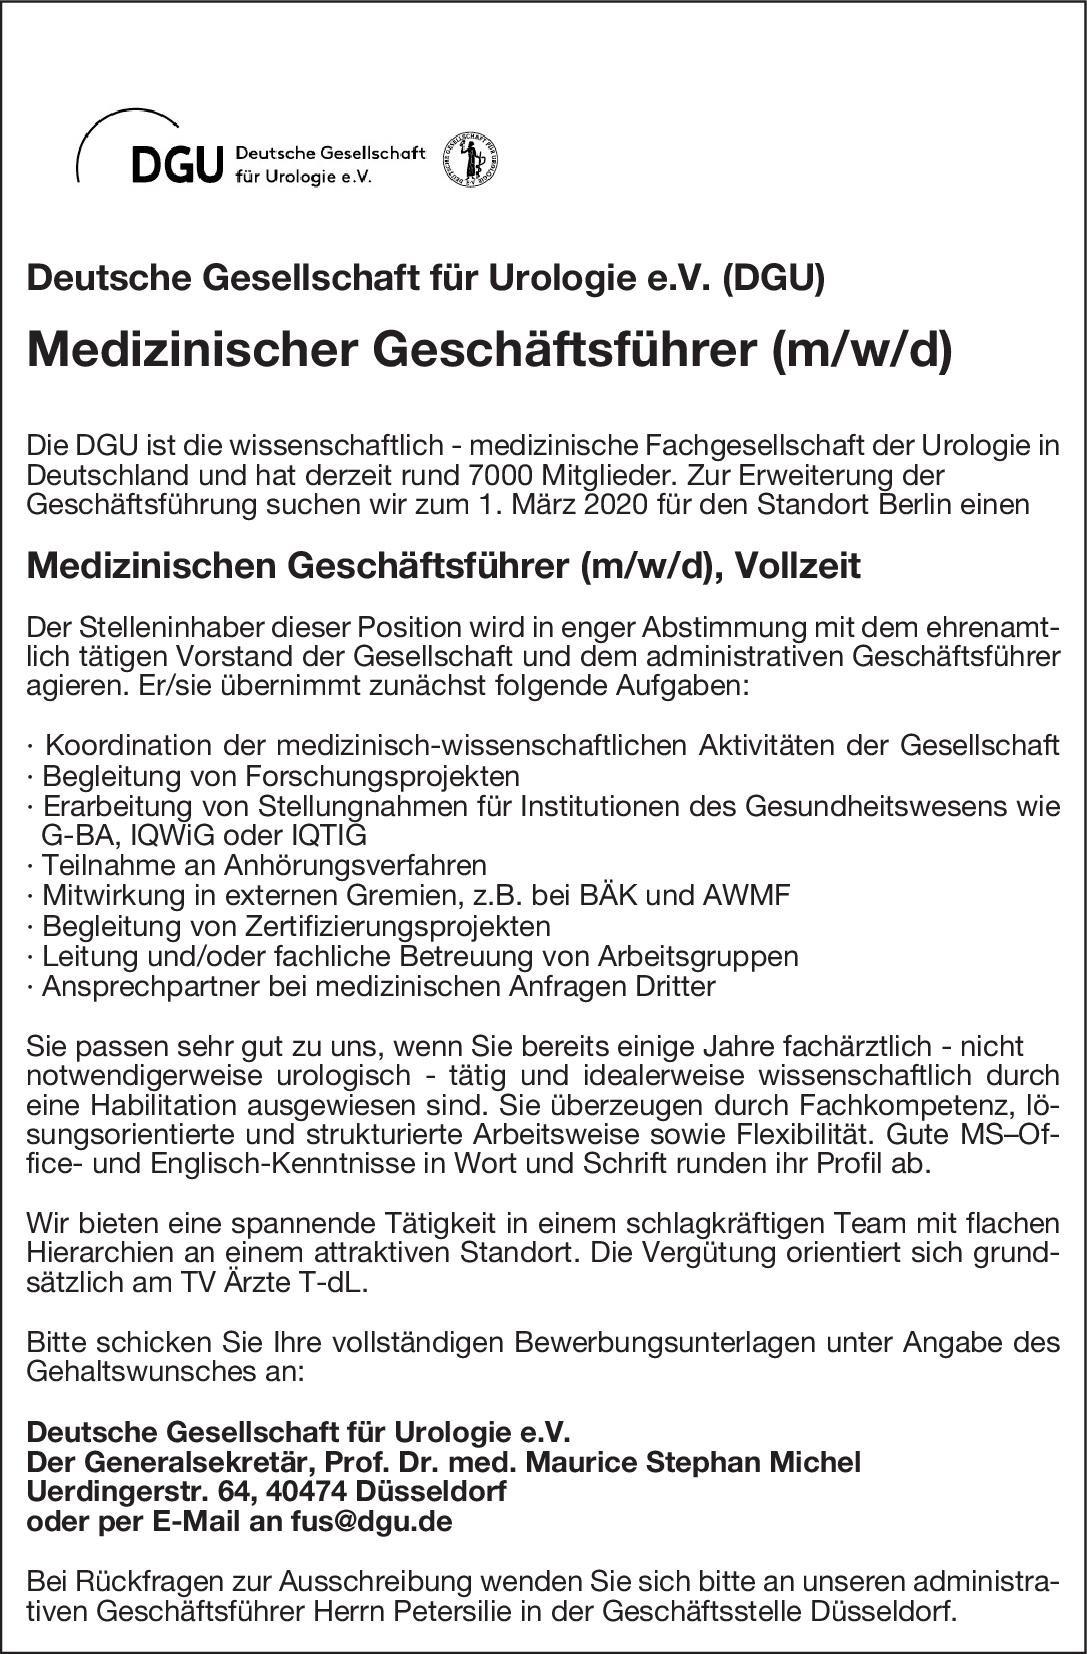 Deutsche Gesellschaft für Urologie e.V. (DGU) Medizinischer Geschäftsführer (m/w/d) * andere Gebiete, Urologie Ärztl. Geschäftsführer / Direktor